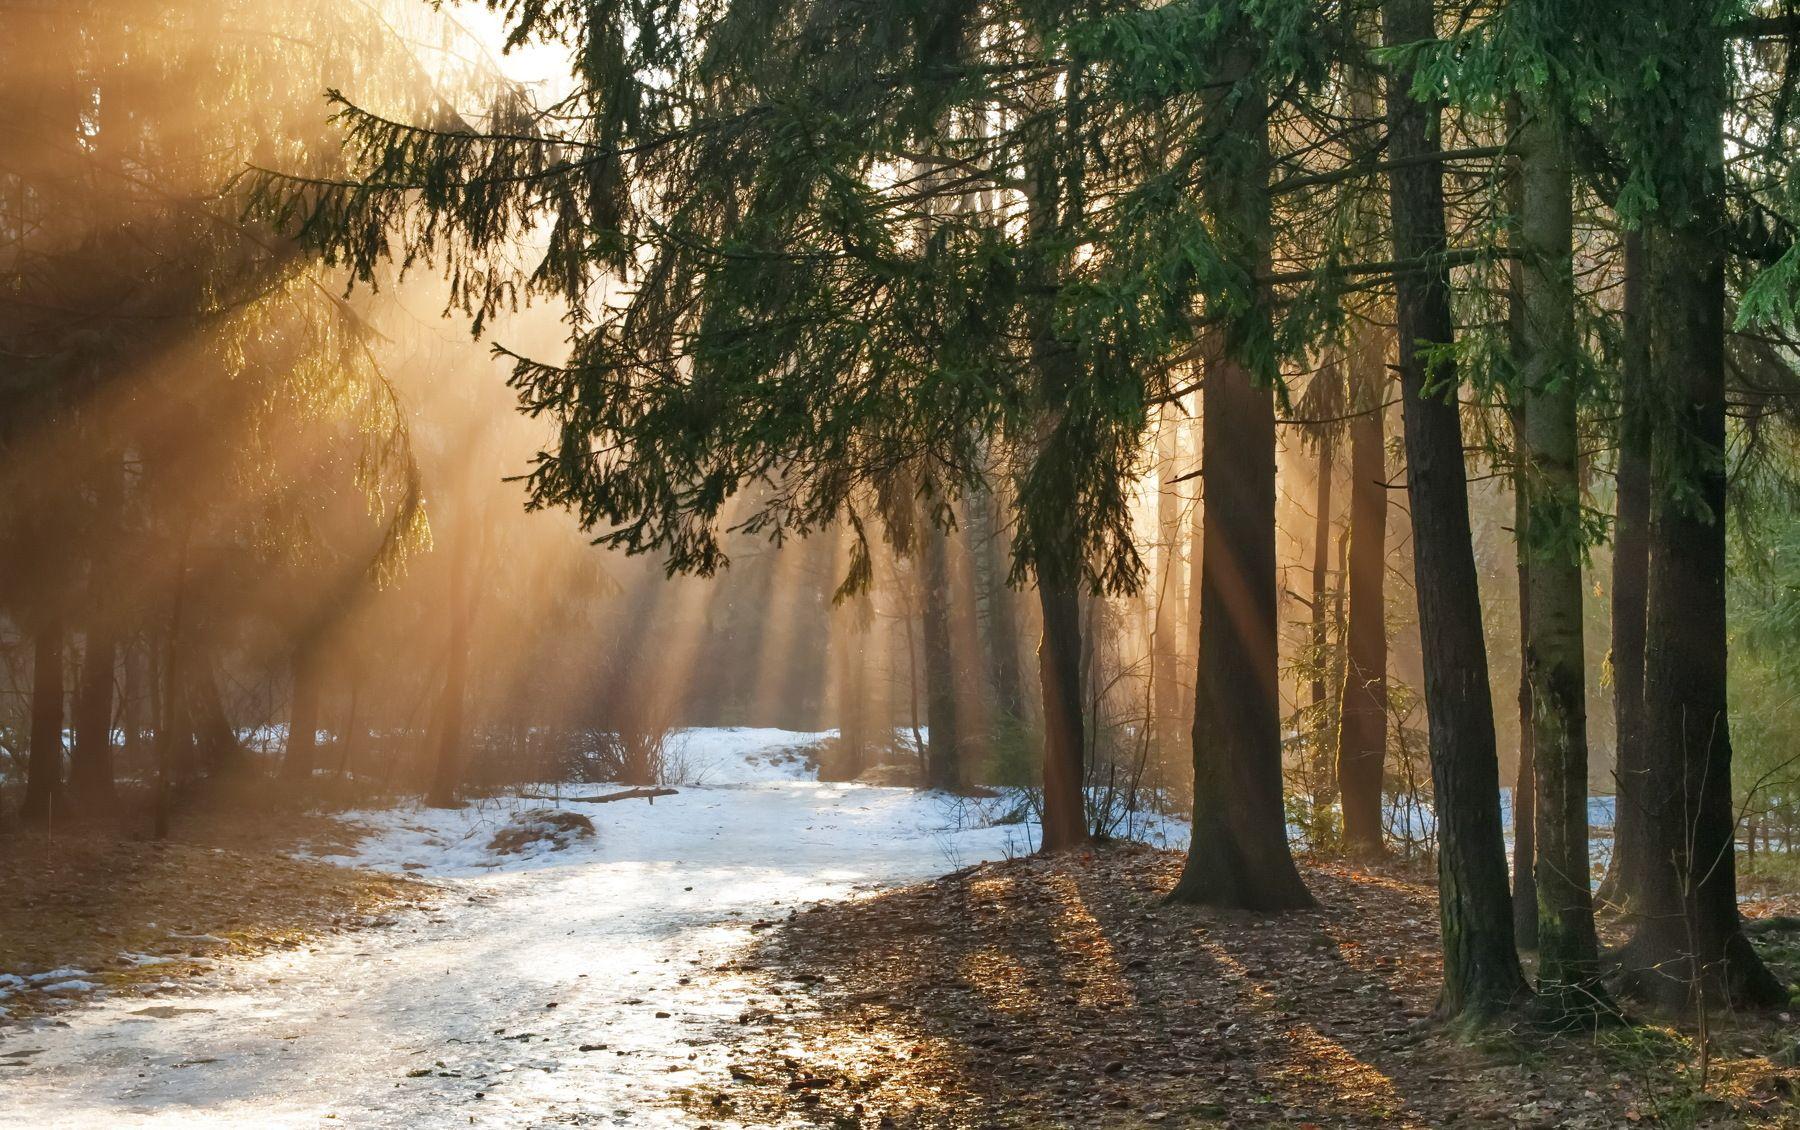 В начале марта #Весна #Март #Природа#Весна #Март #Природа Photographer:  Александр Гвоздь | Пейзажная фотография, Пейзажи, Идеи озеленения